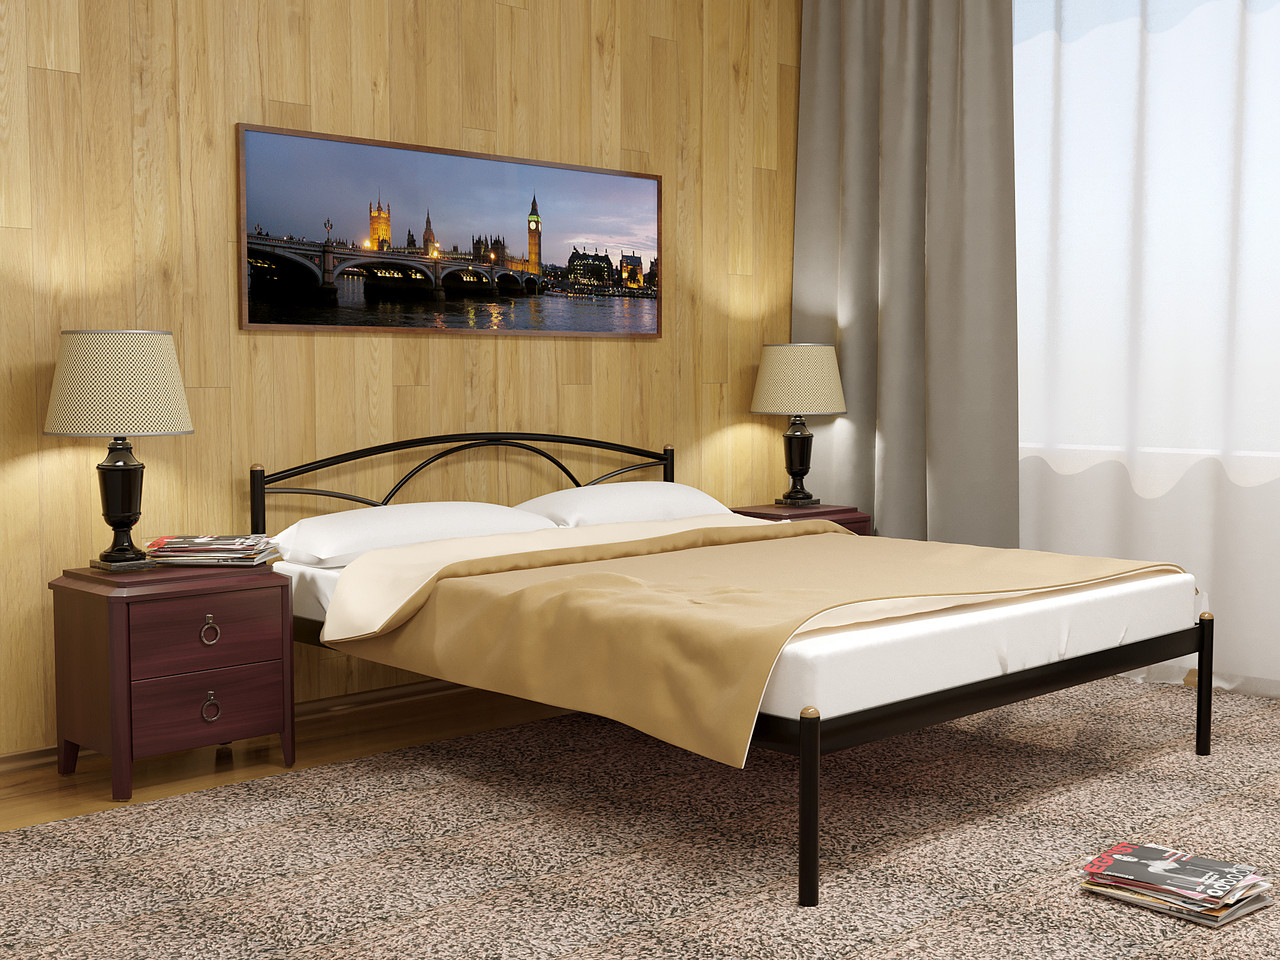 Кровать металлическая Палермо-1 (Palermo)